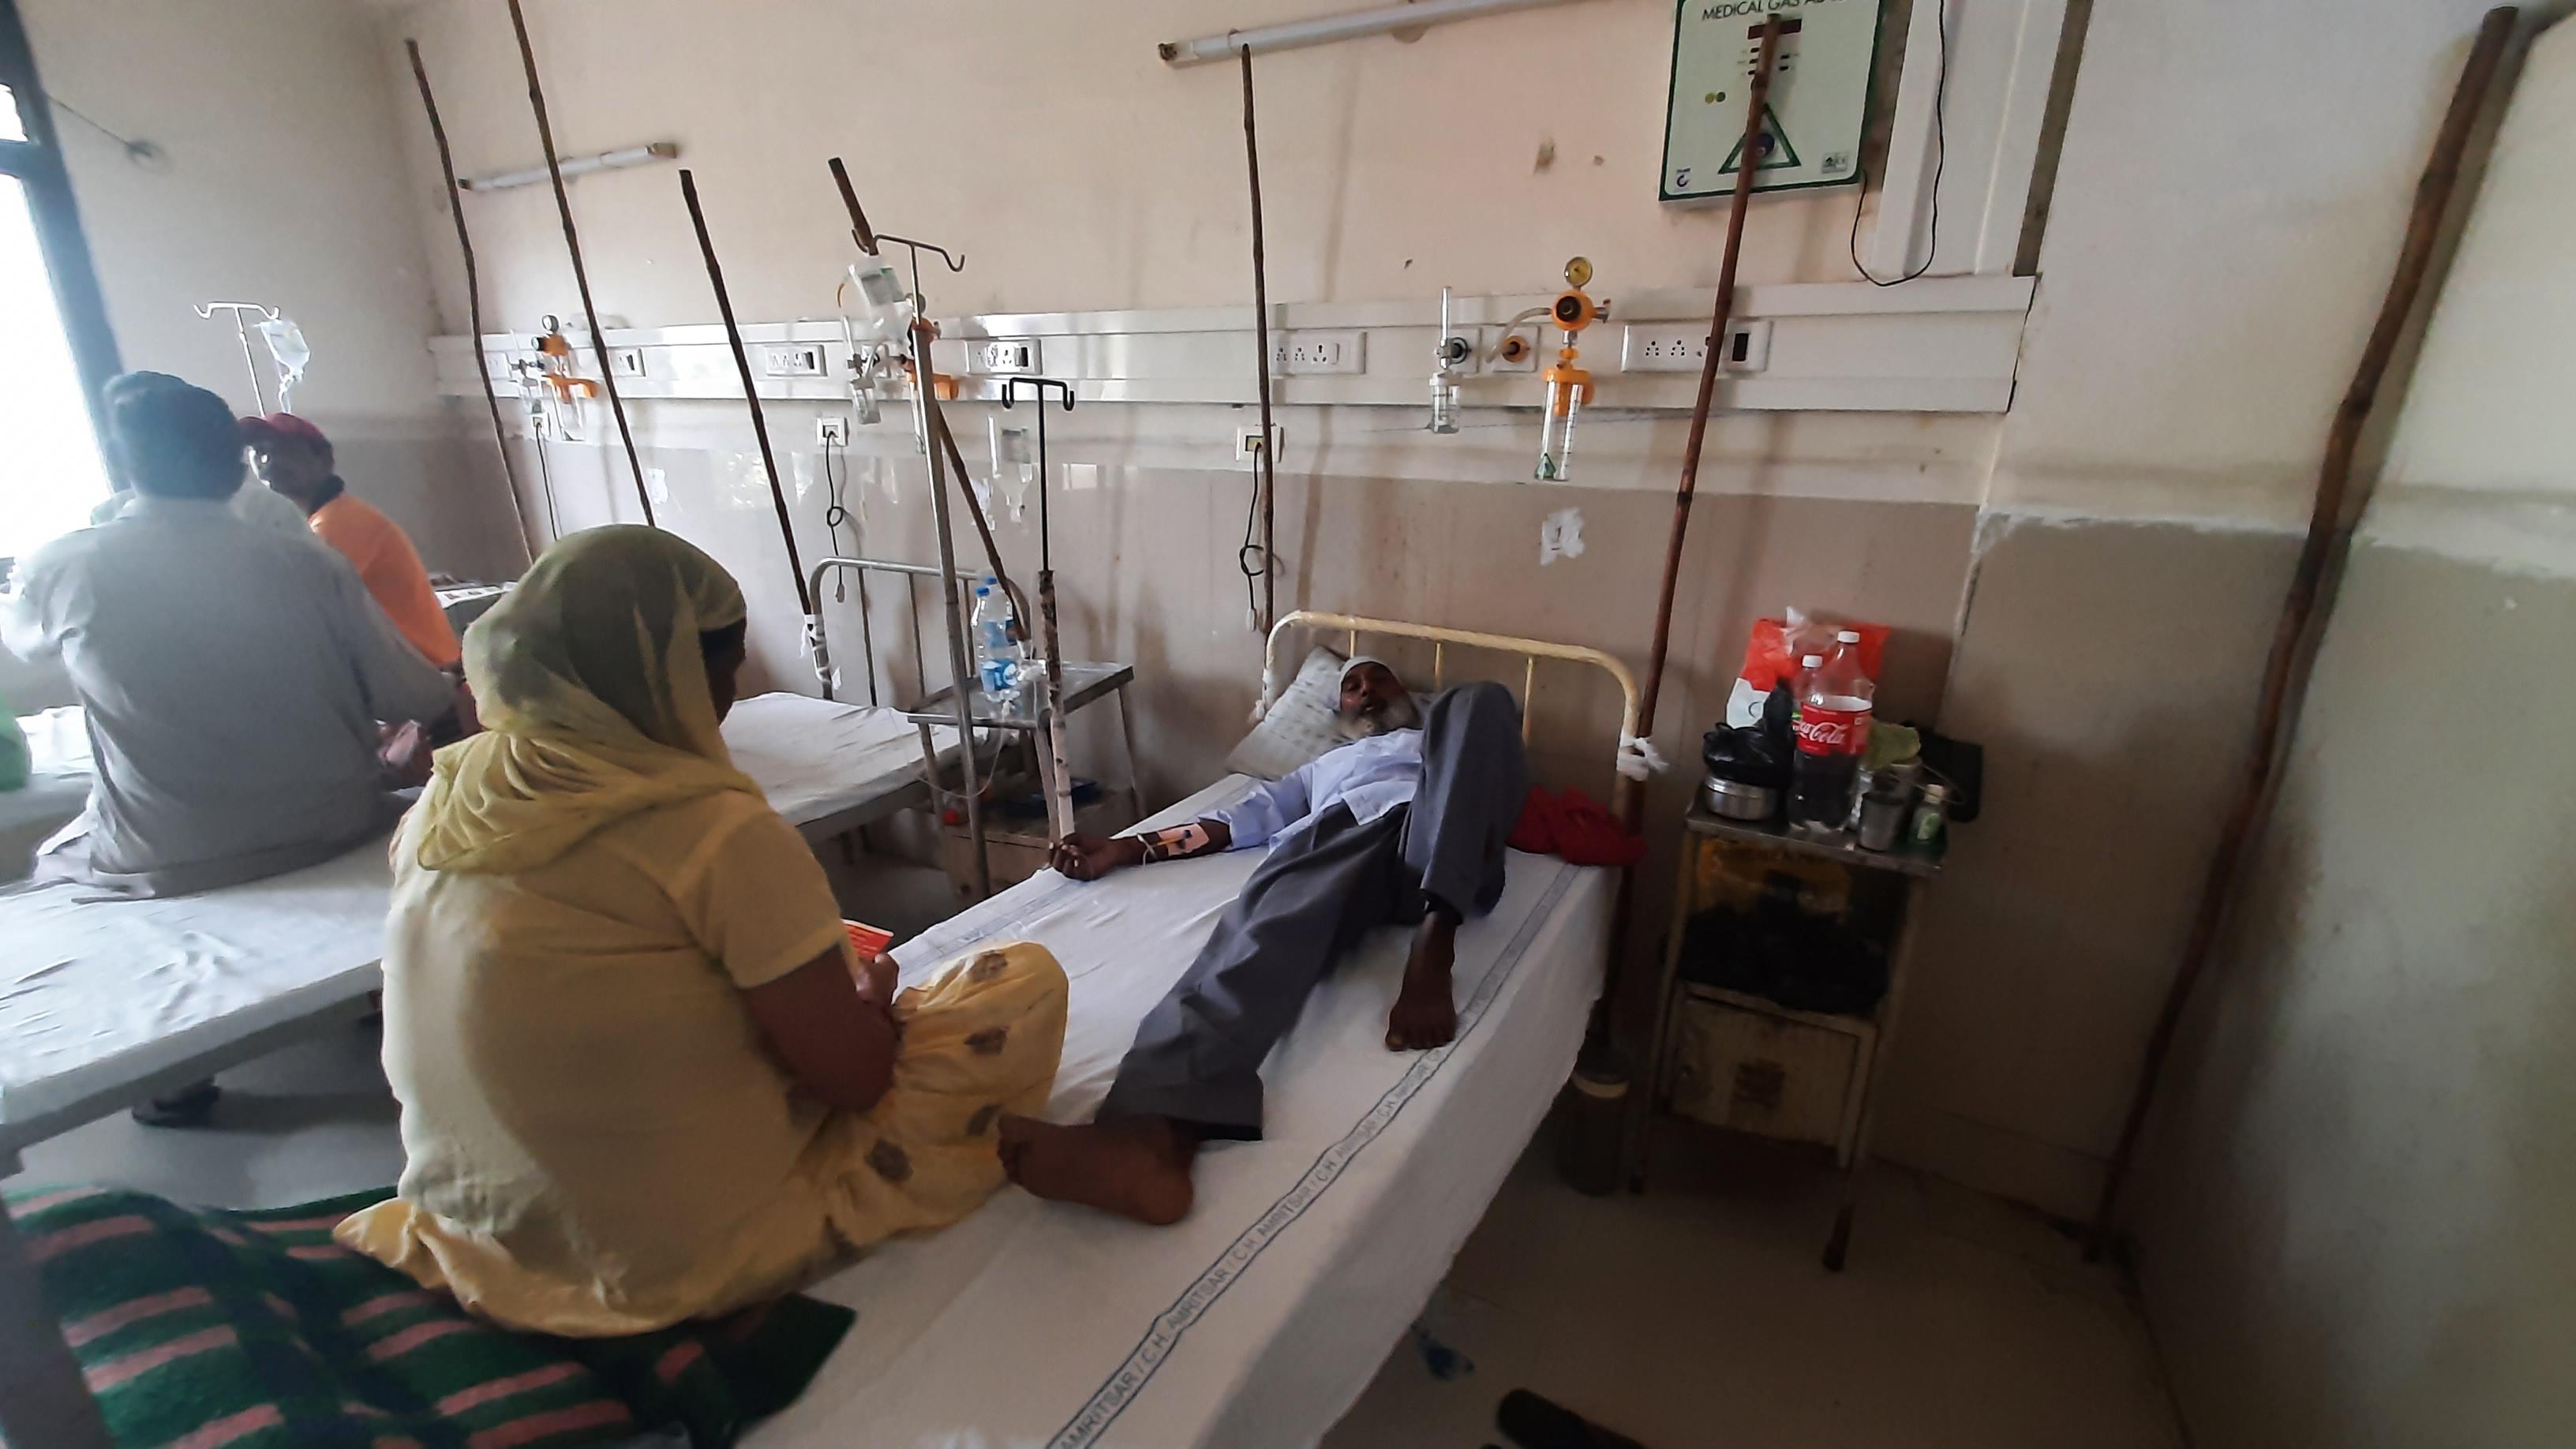 उपचाराधीन डेंगू मरीज।